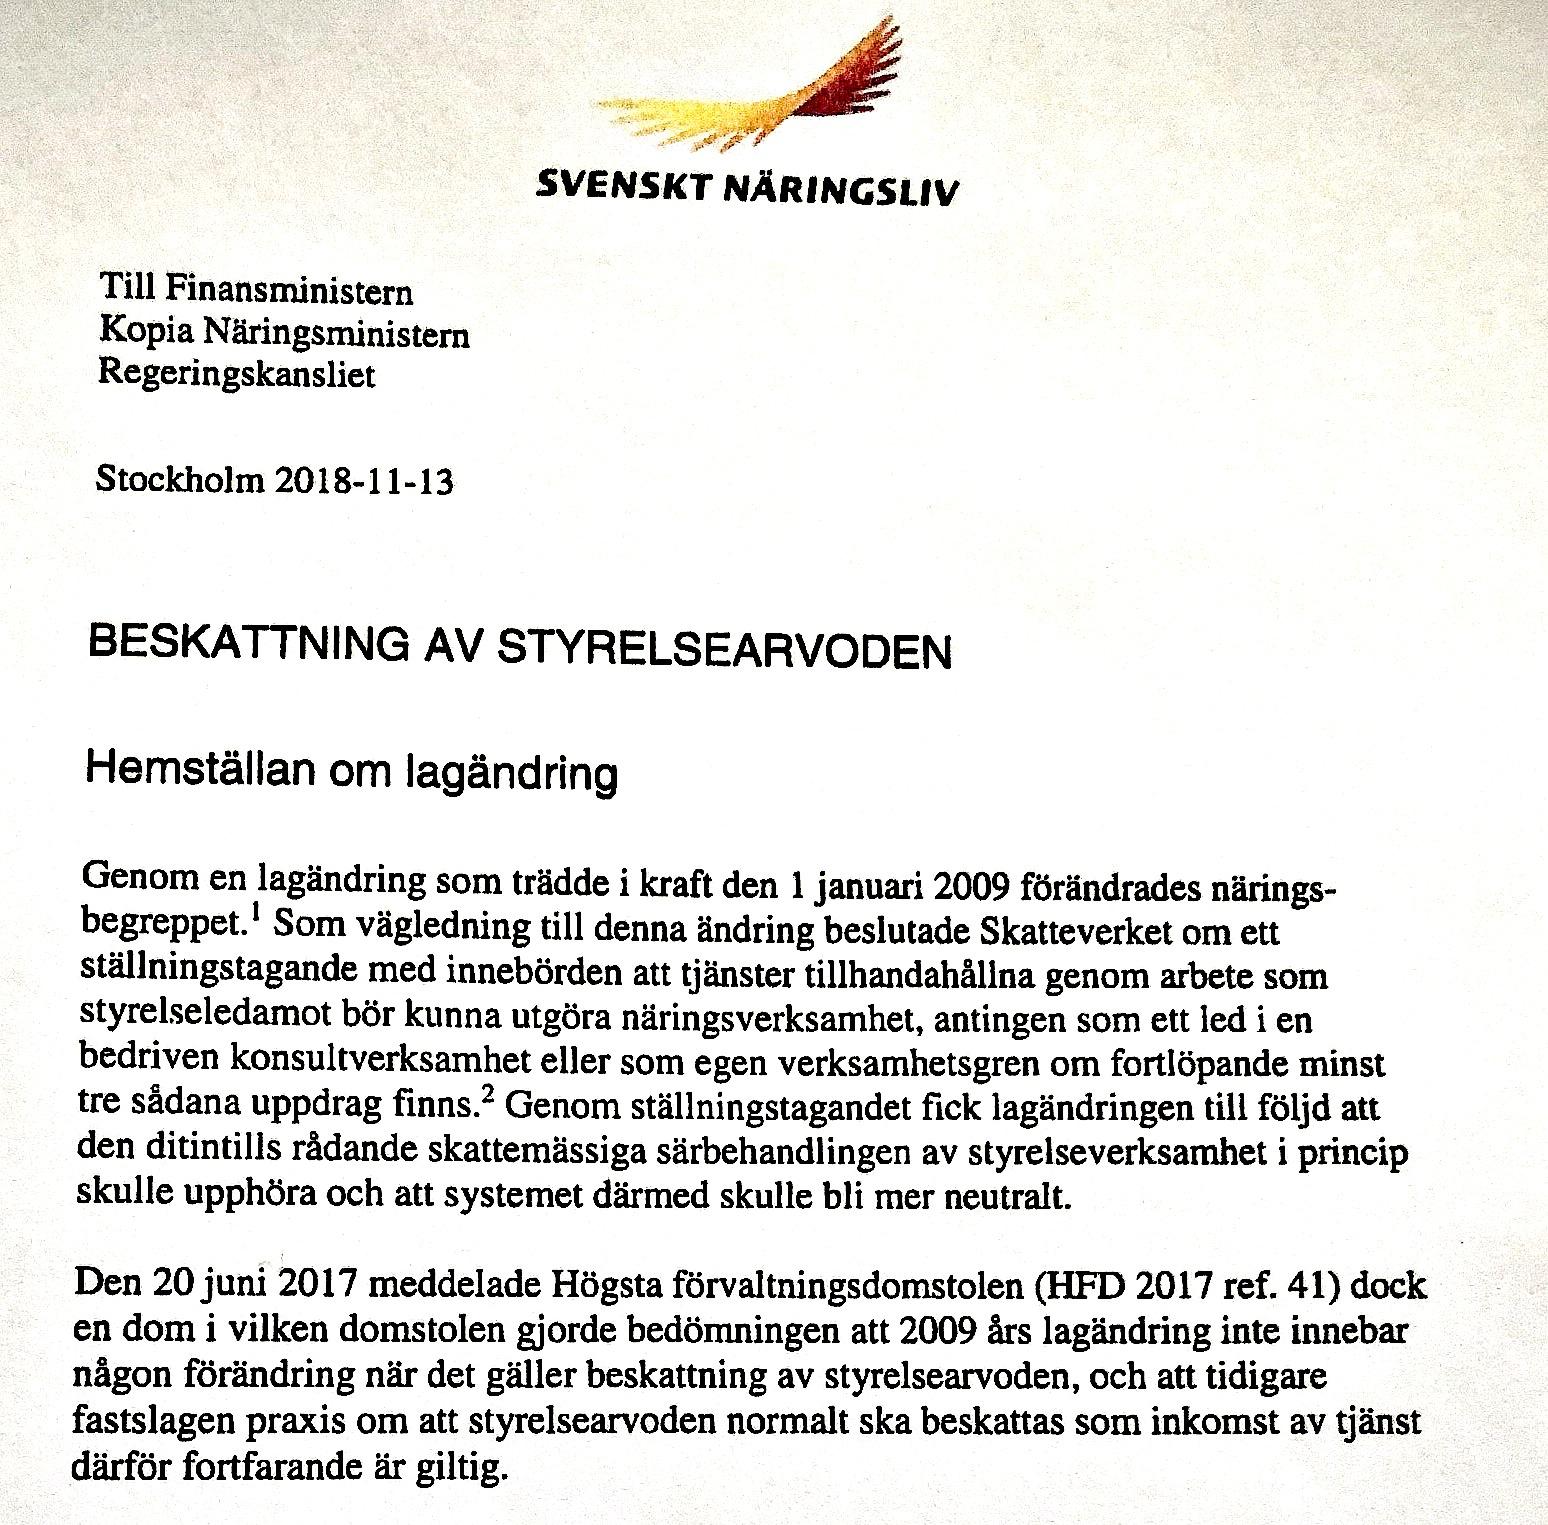 Fastslaget varen ar i stockholm